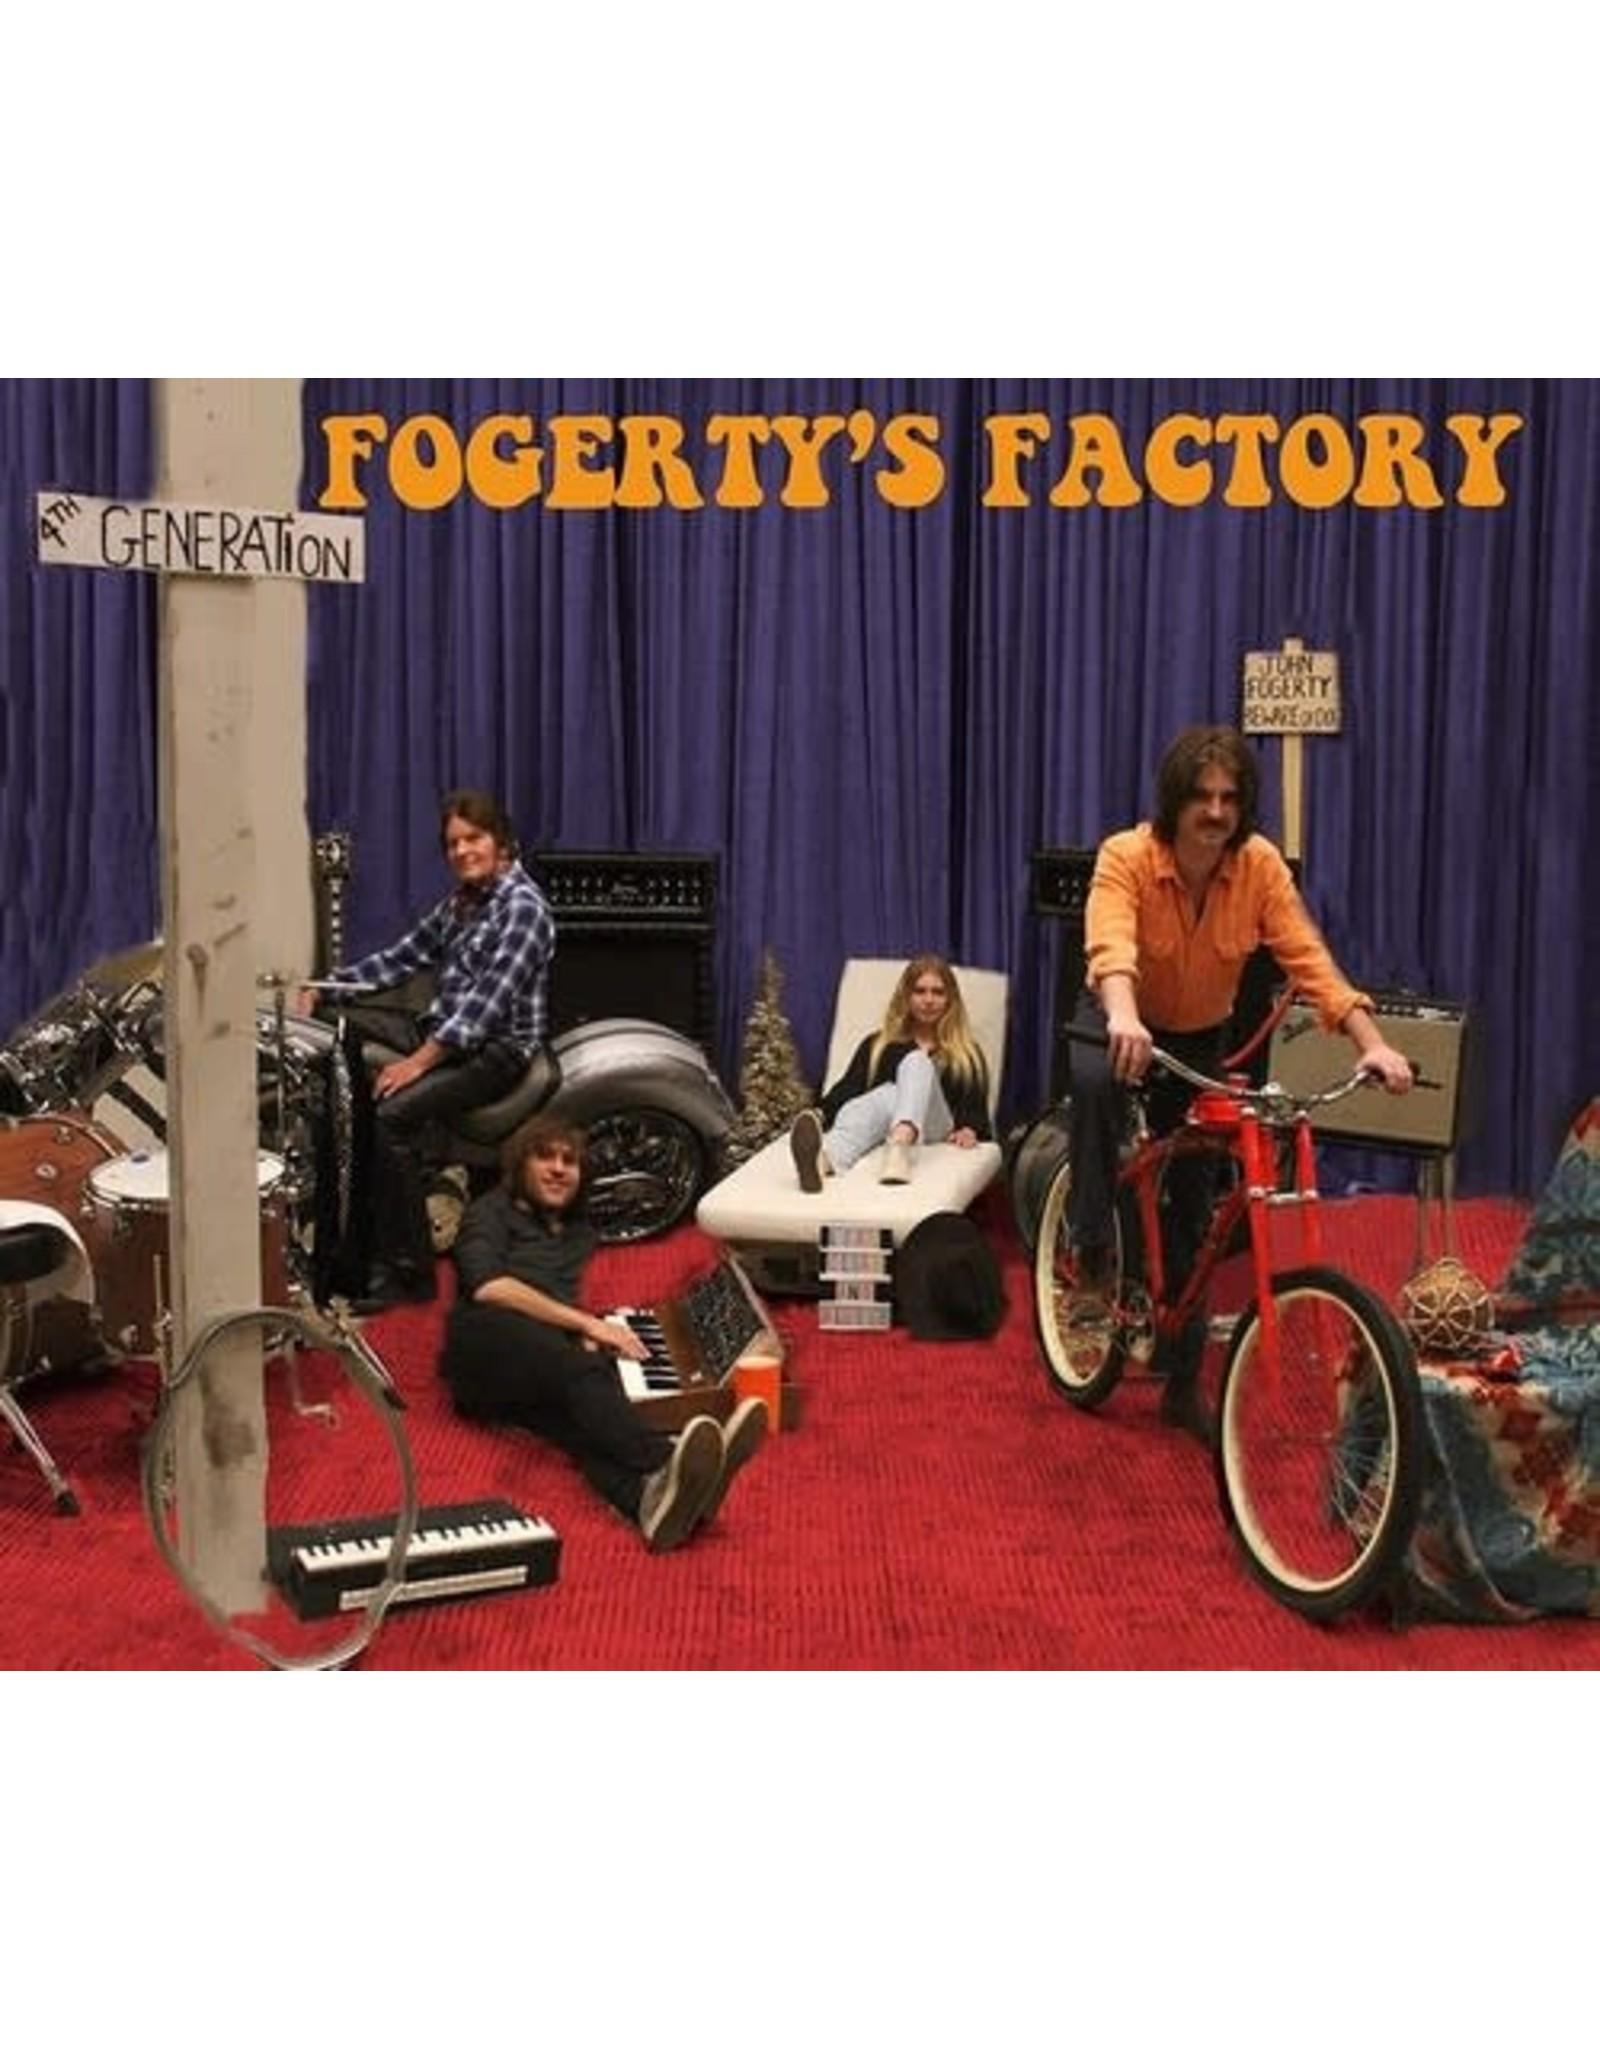 New Vinyl John Fogerty - Fogerty's Factory LP